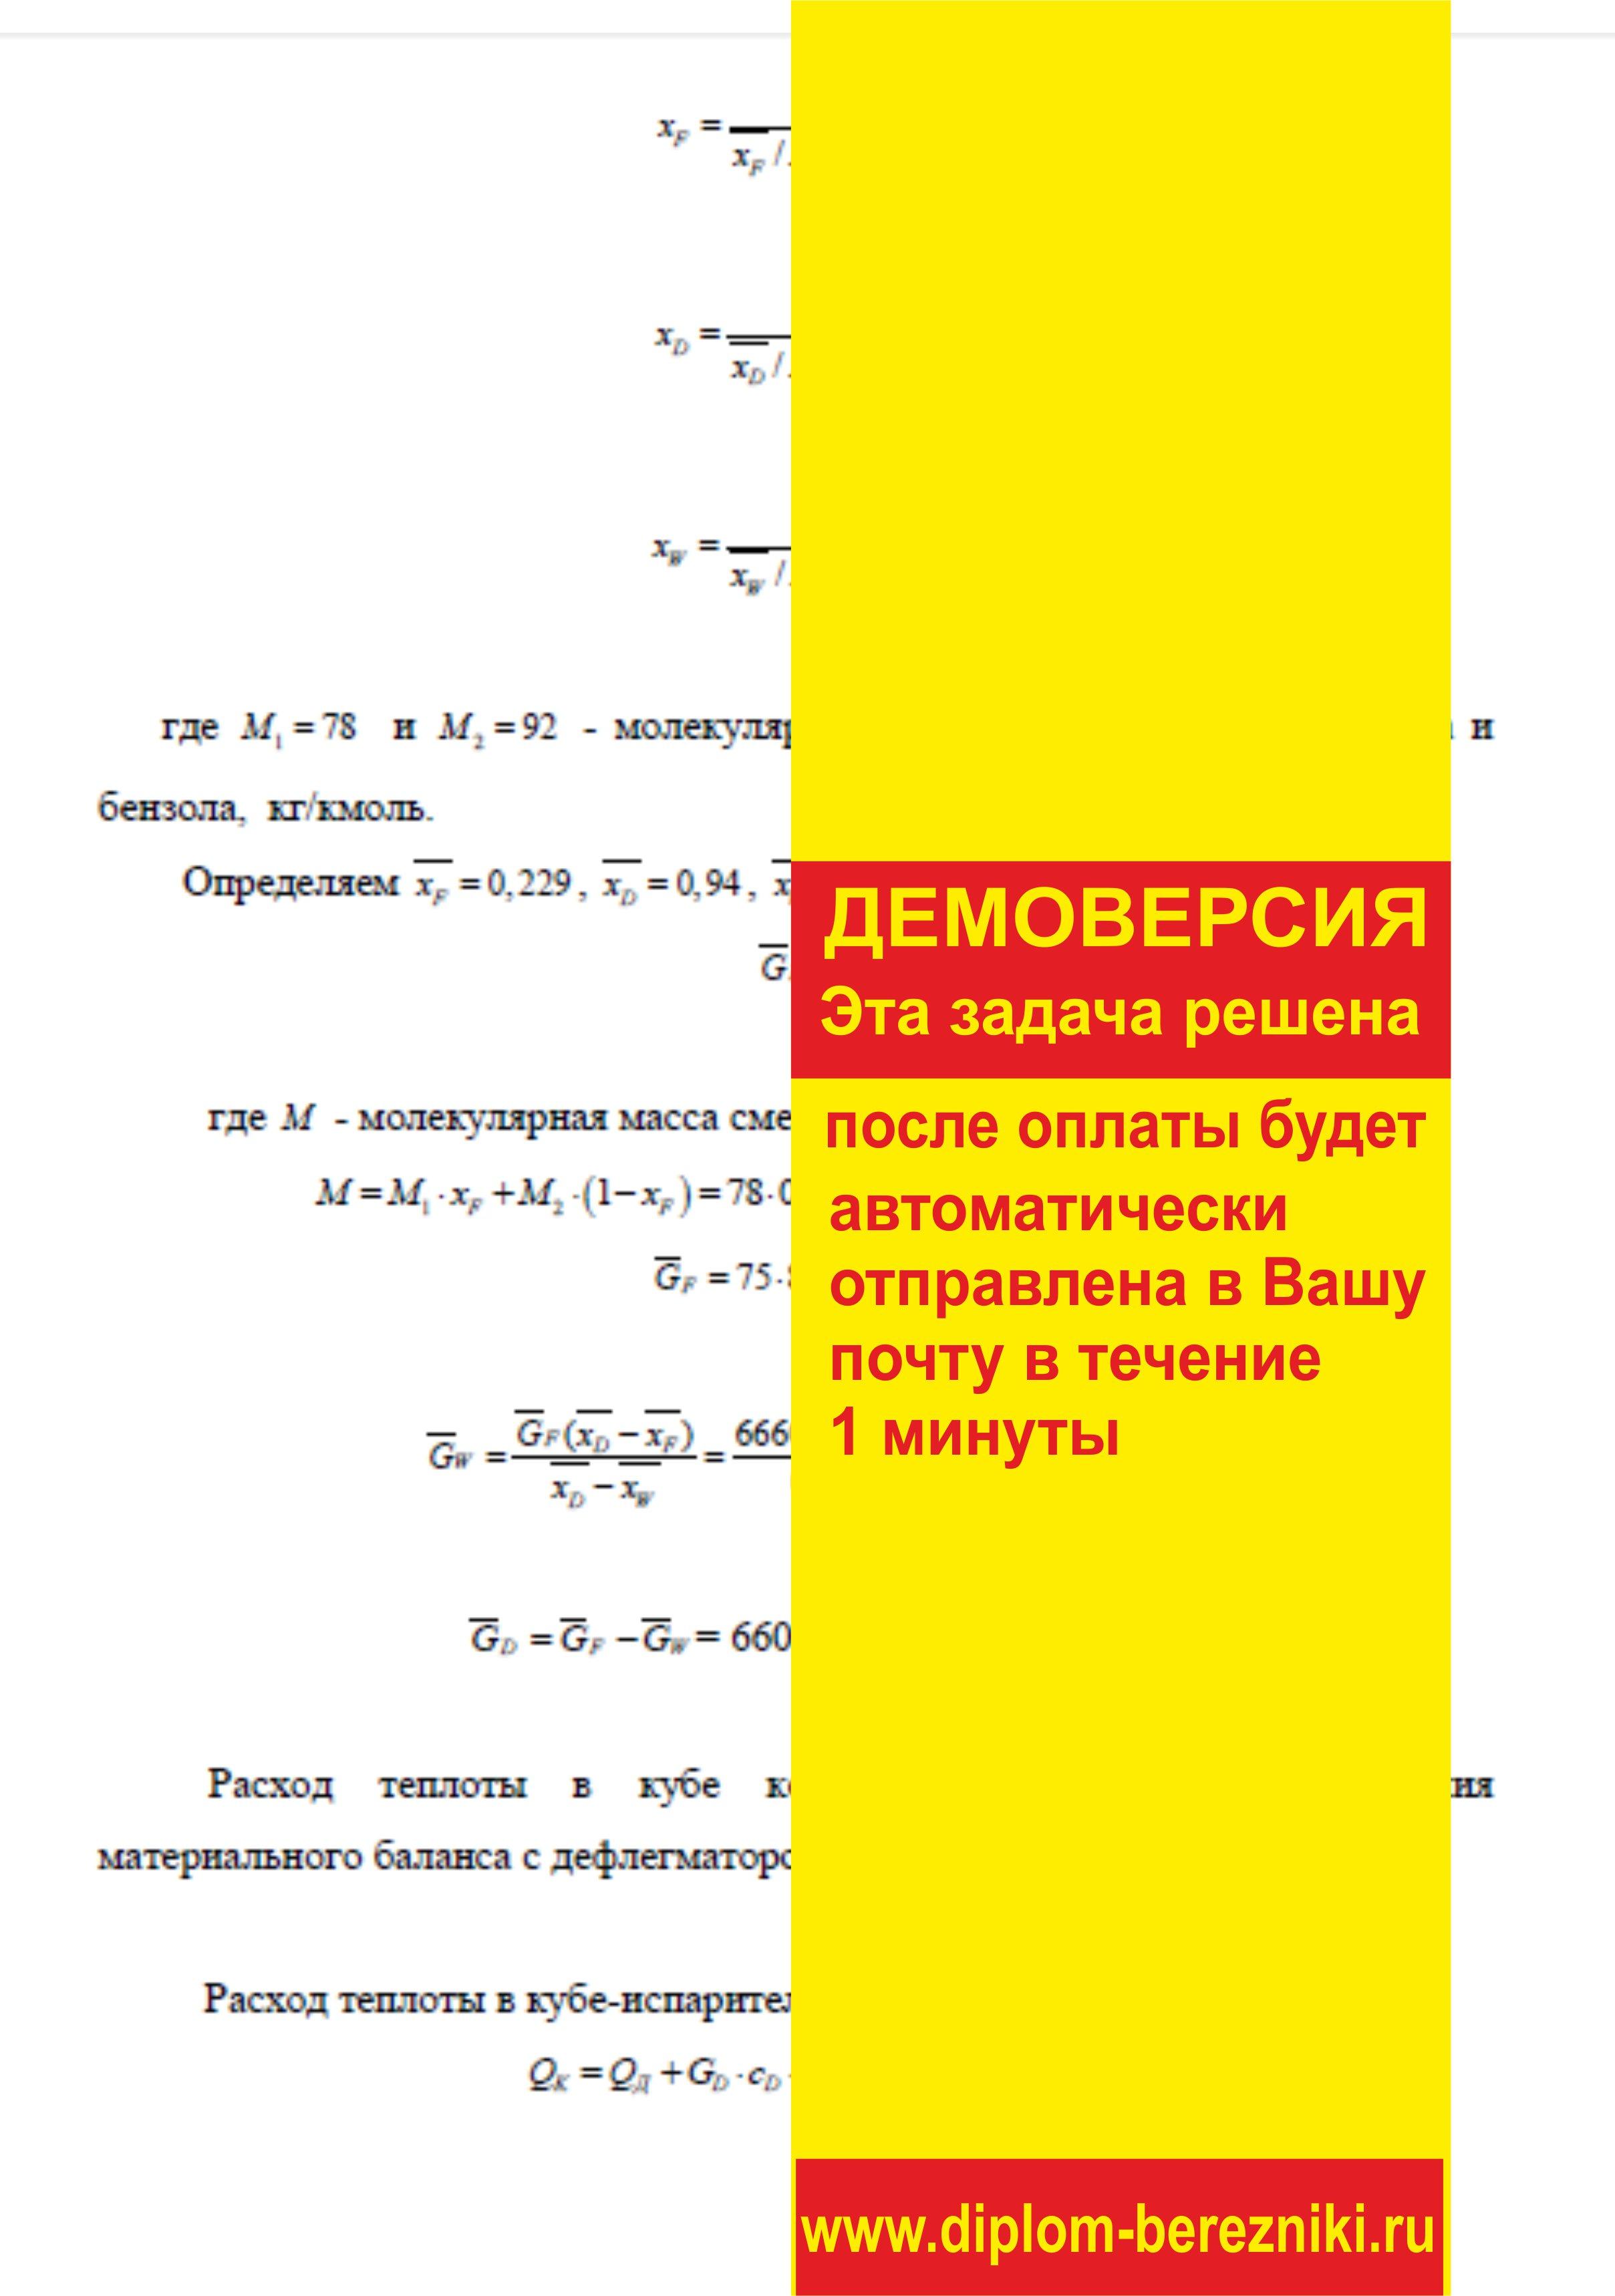 Решение задачи 7.21 по ПАХТ из задачника Павлова Романкова Носкова